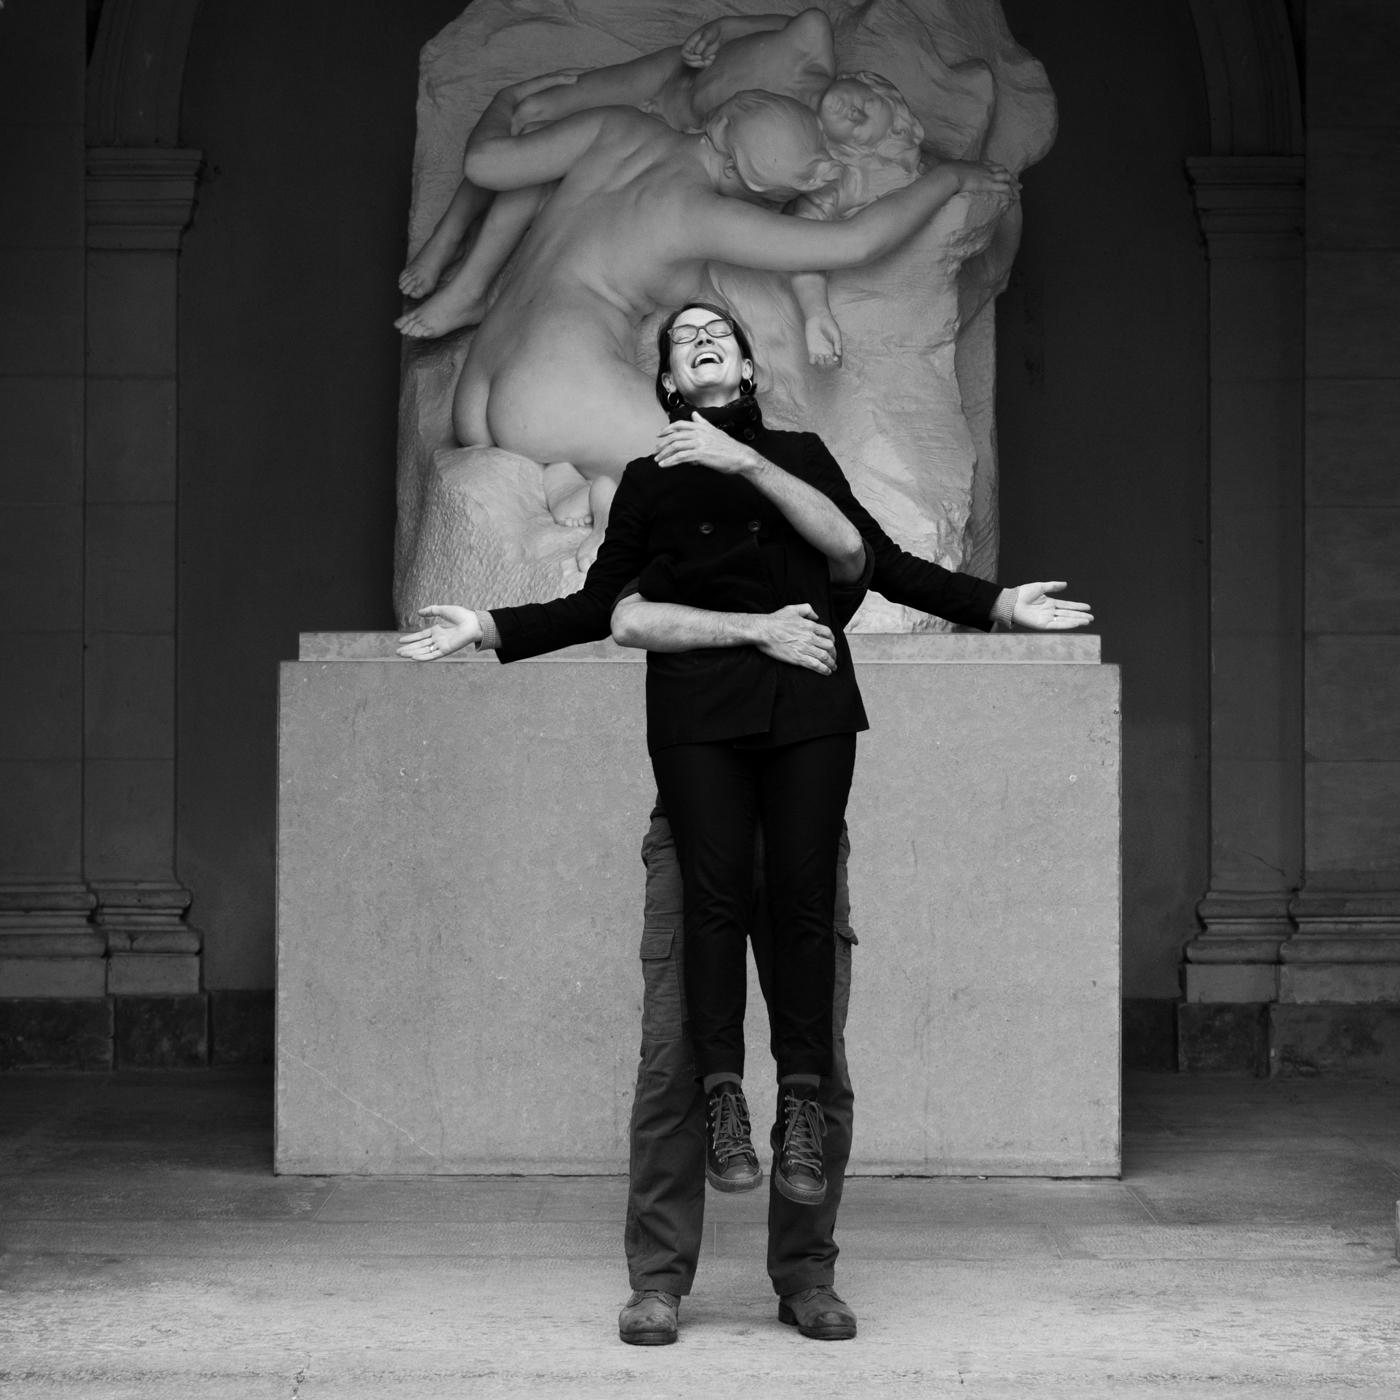 Musée_Lyon_2016_-_Autoportrait_extatique